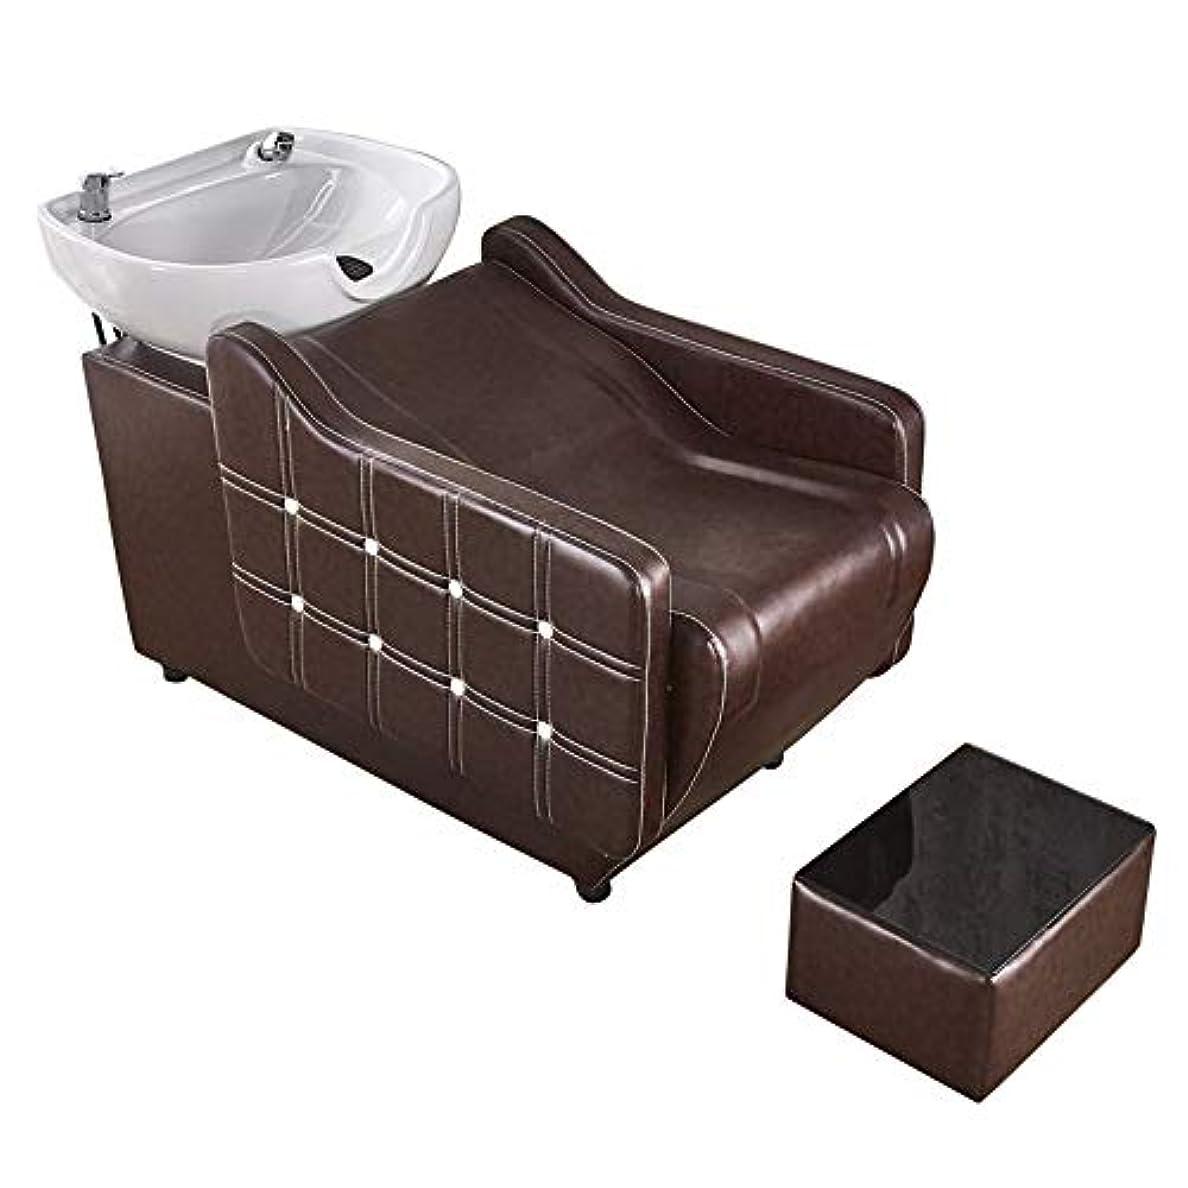 音楽家政権サイトシャンプーチェア、理髪店の逆洗ユニットシャンプーボウル理髪シンクの椅子用スパ美容院